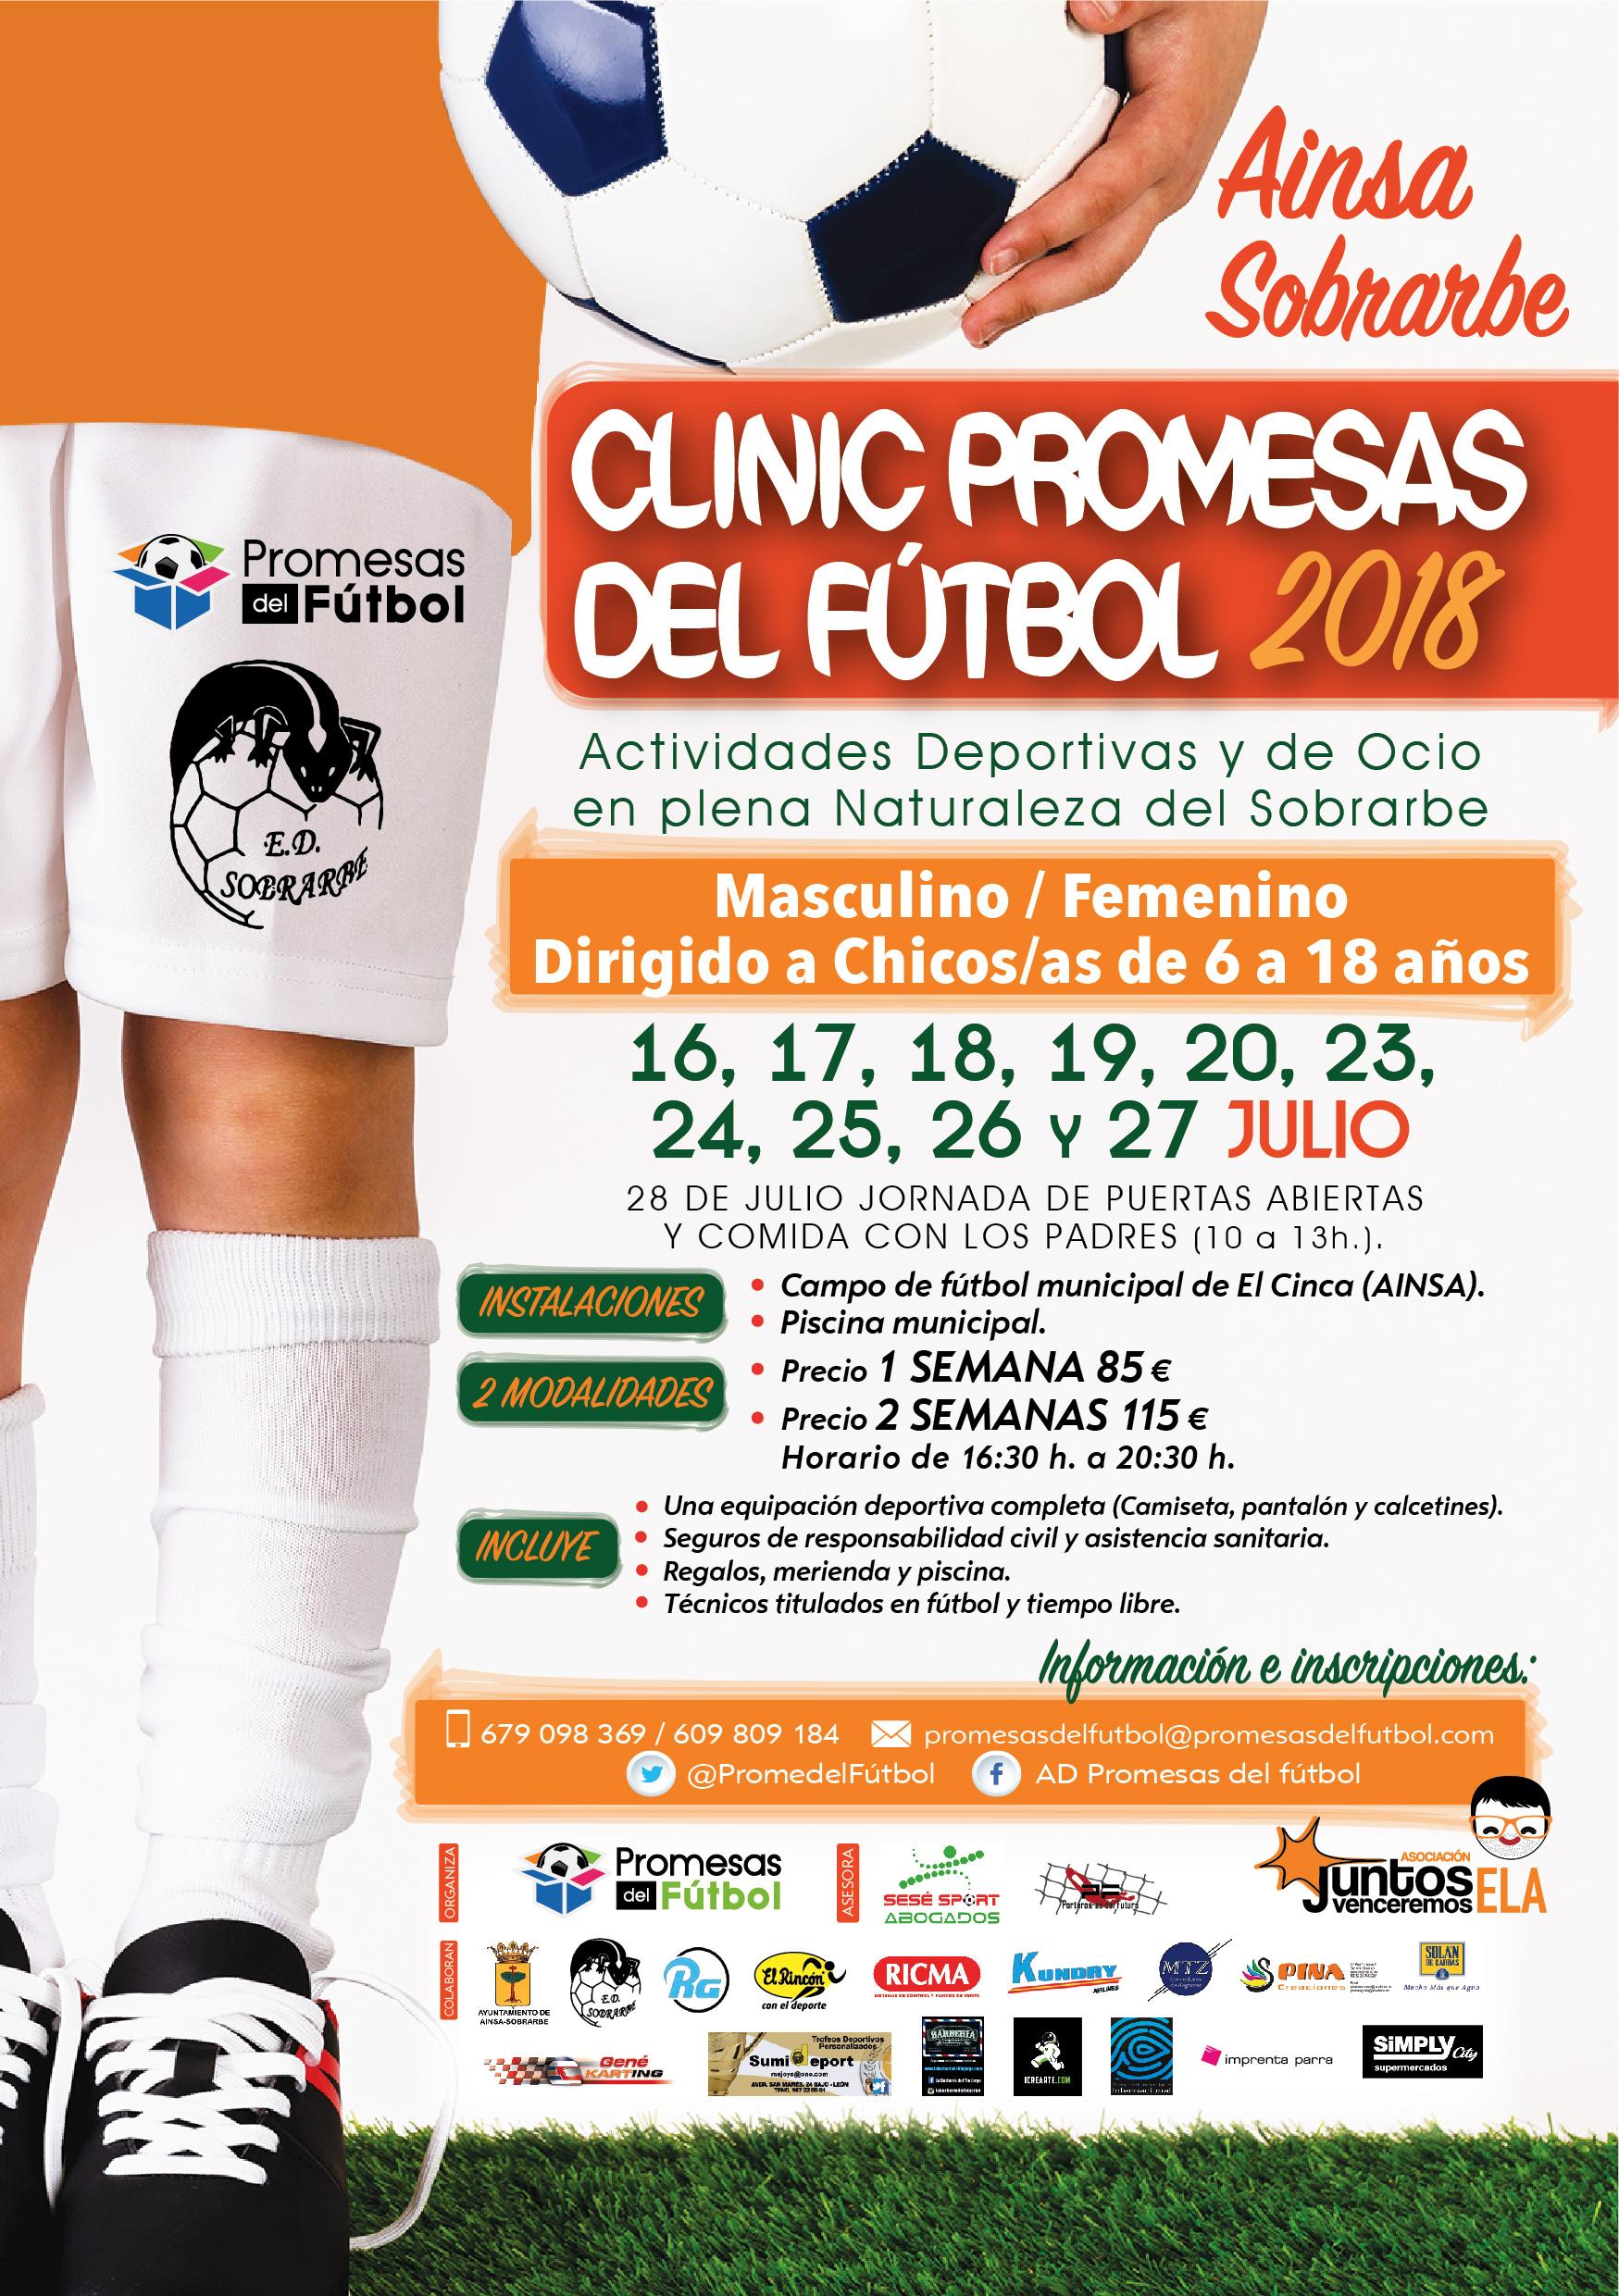 Clinic Promesas del Fútbol Ainsa-Sobrarbe Julio 2018